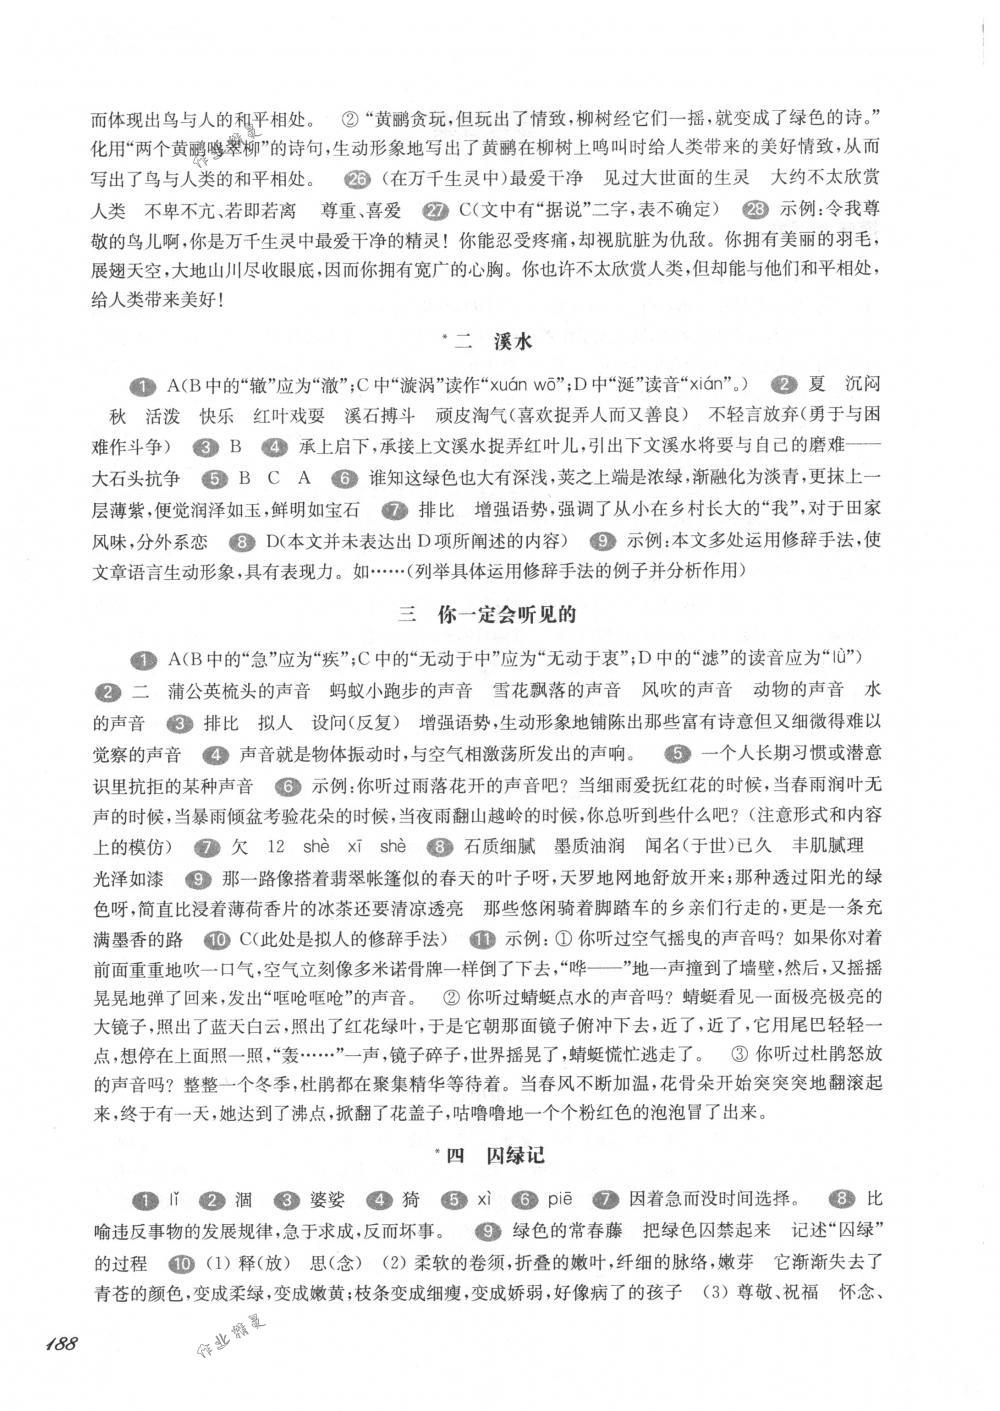 2018年华东师大版一课一练七年级语文第二学期沪教版第2页